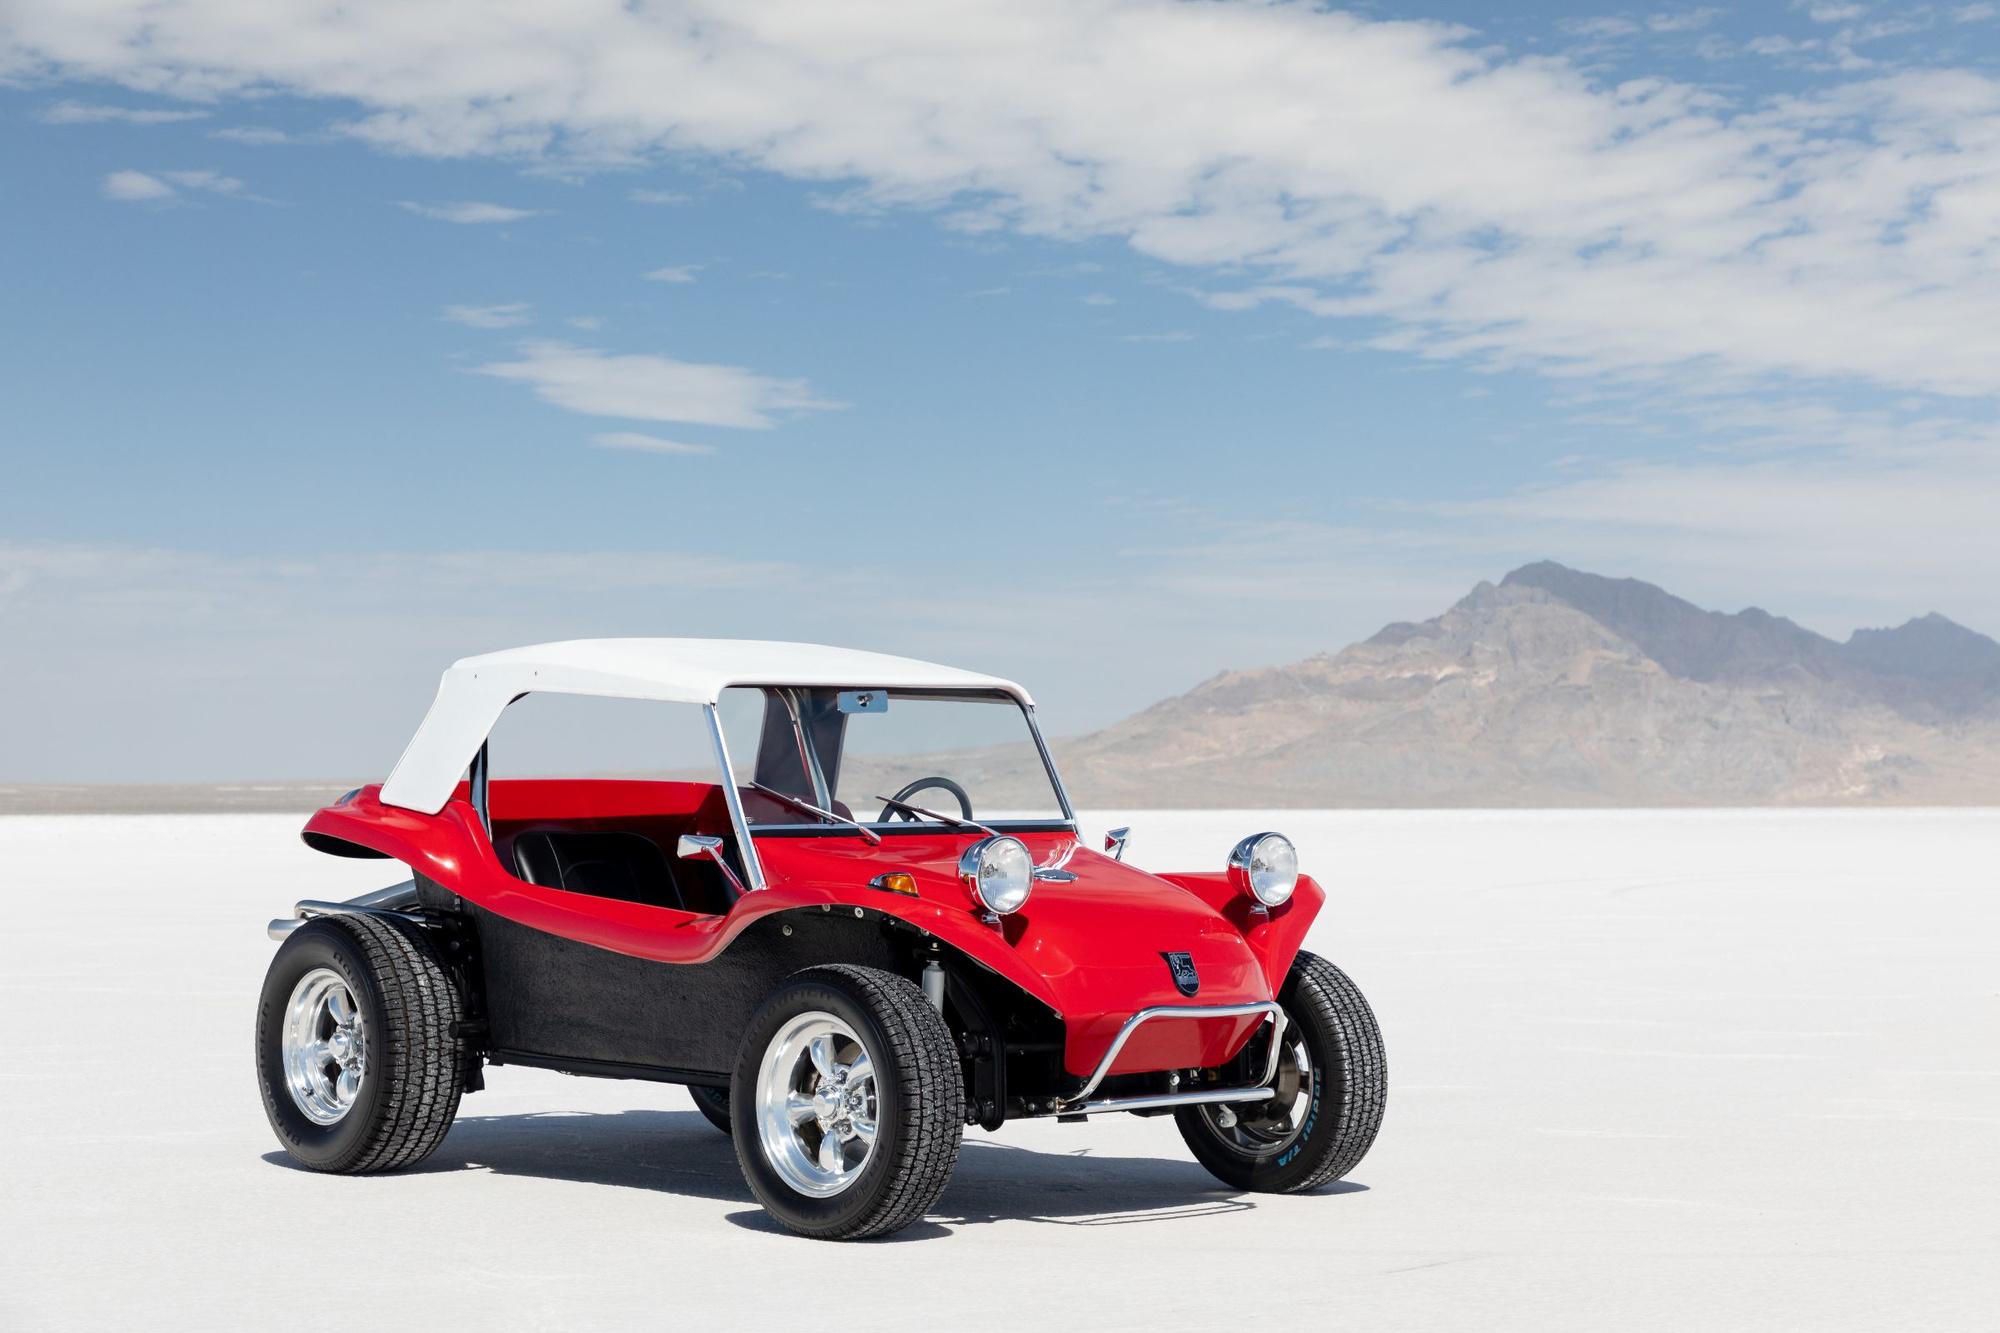 Léger, compact, solide, le Meyers Manx devient l'engin idéal pour rouler sur le sable. Et quel look!, GF